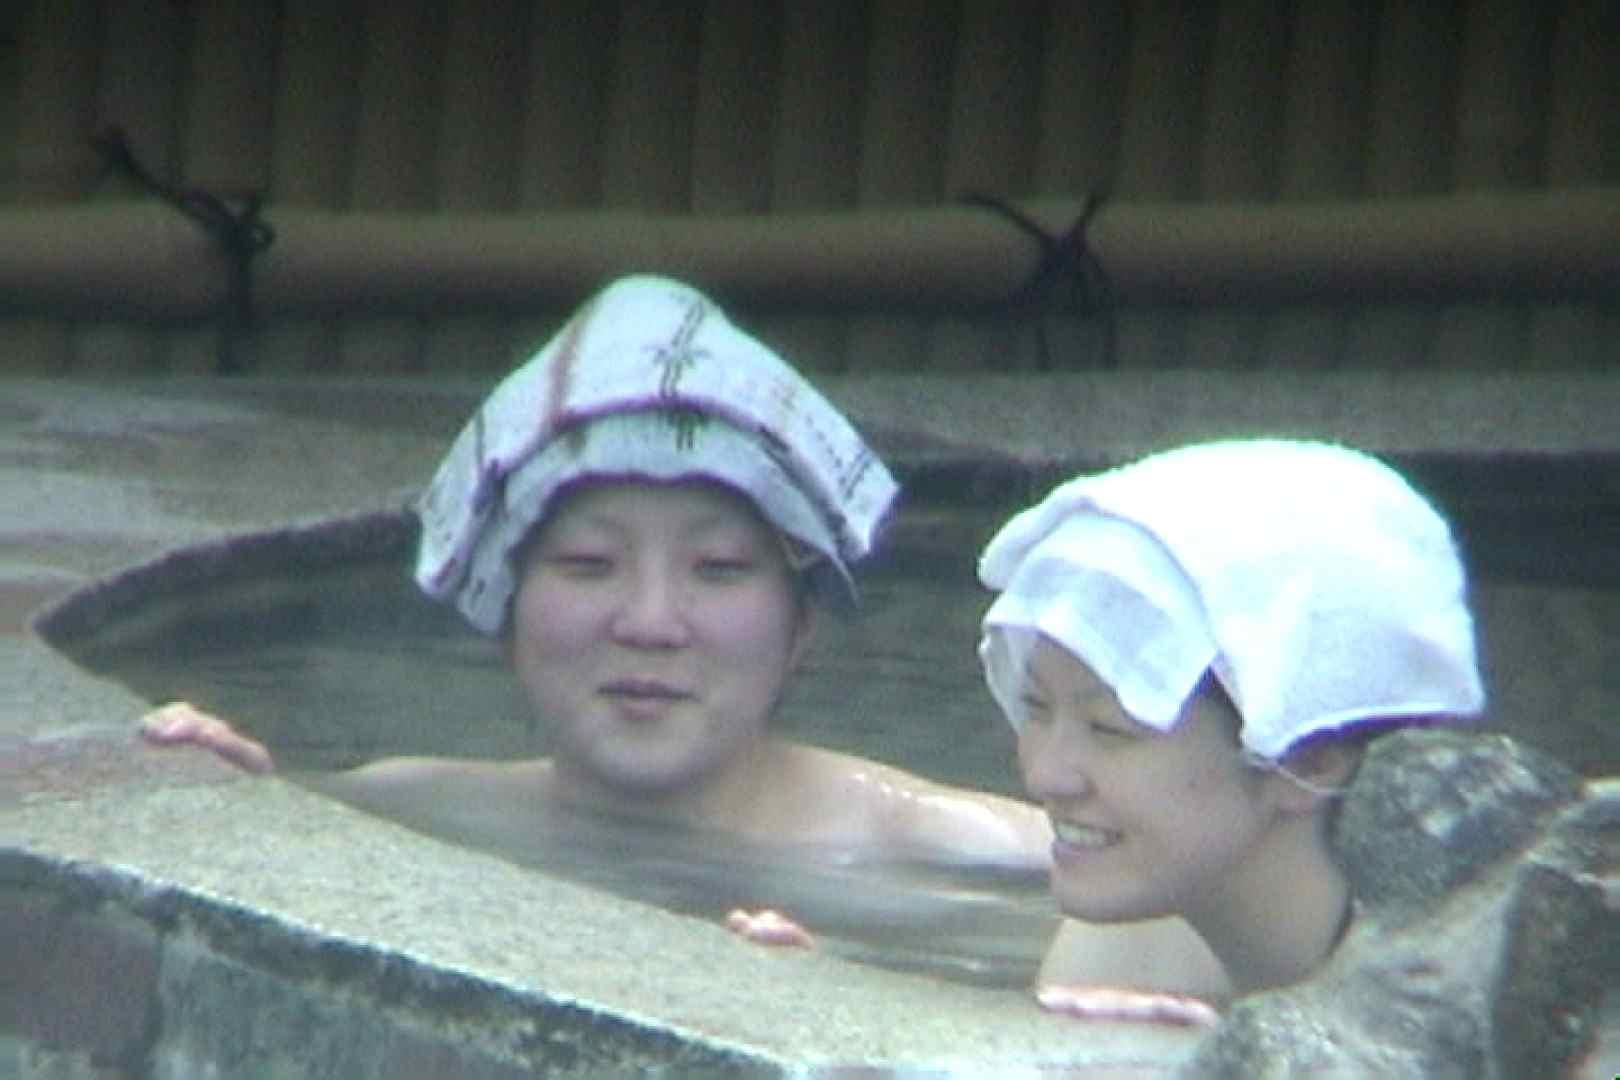 Aquaな露天風呂Vol.104 盗撮シリーズ  85PIX 54